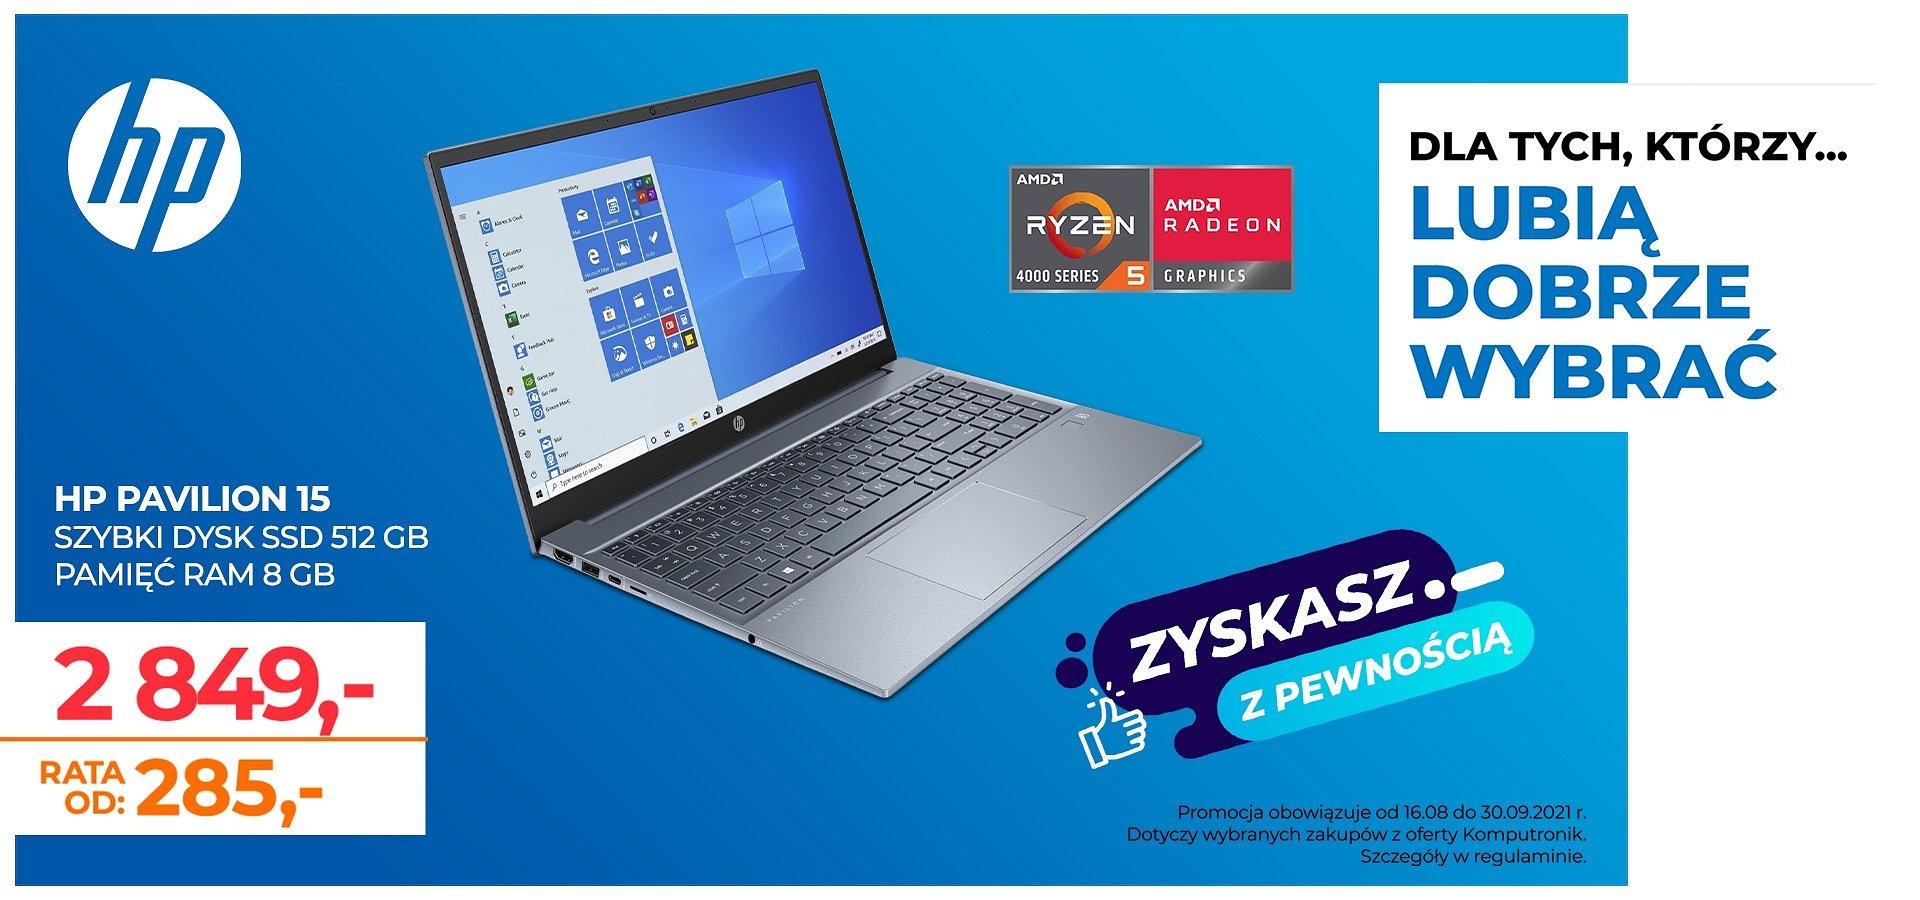 Szukasz niezawodnego komputera do pracy?Wybierz laptopa HP Pavilion i zaoszczędź nawet 600 zł!